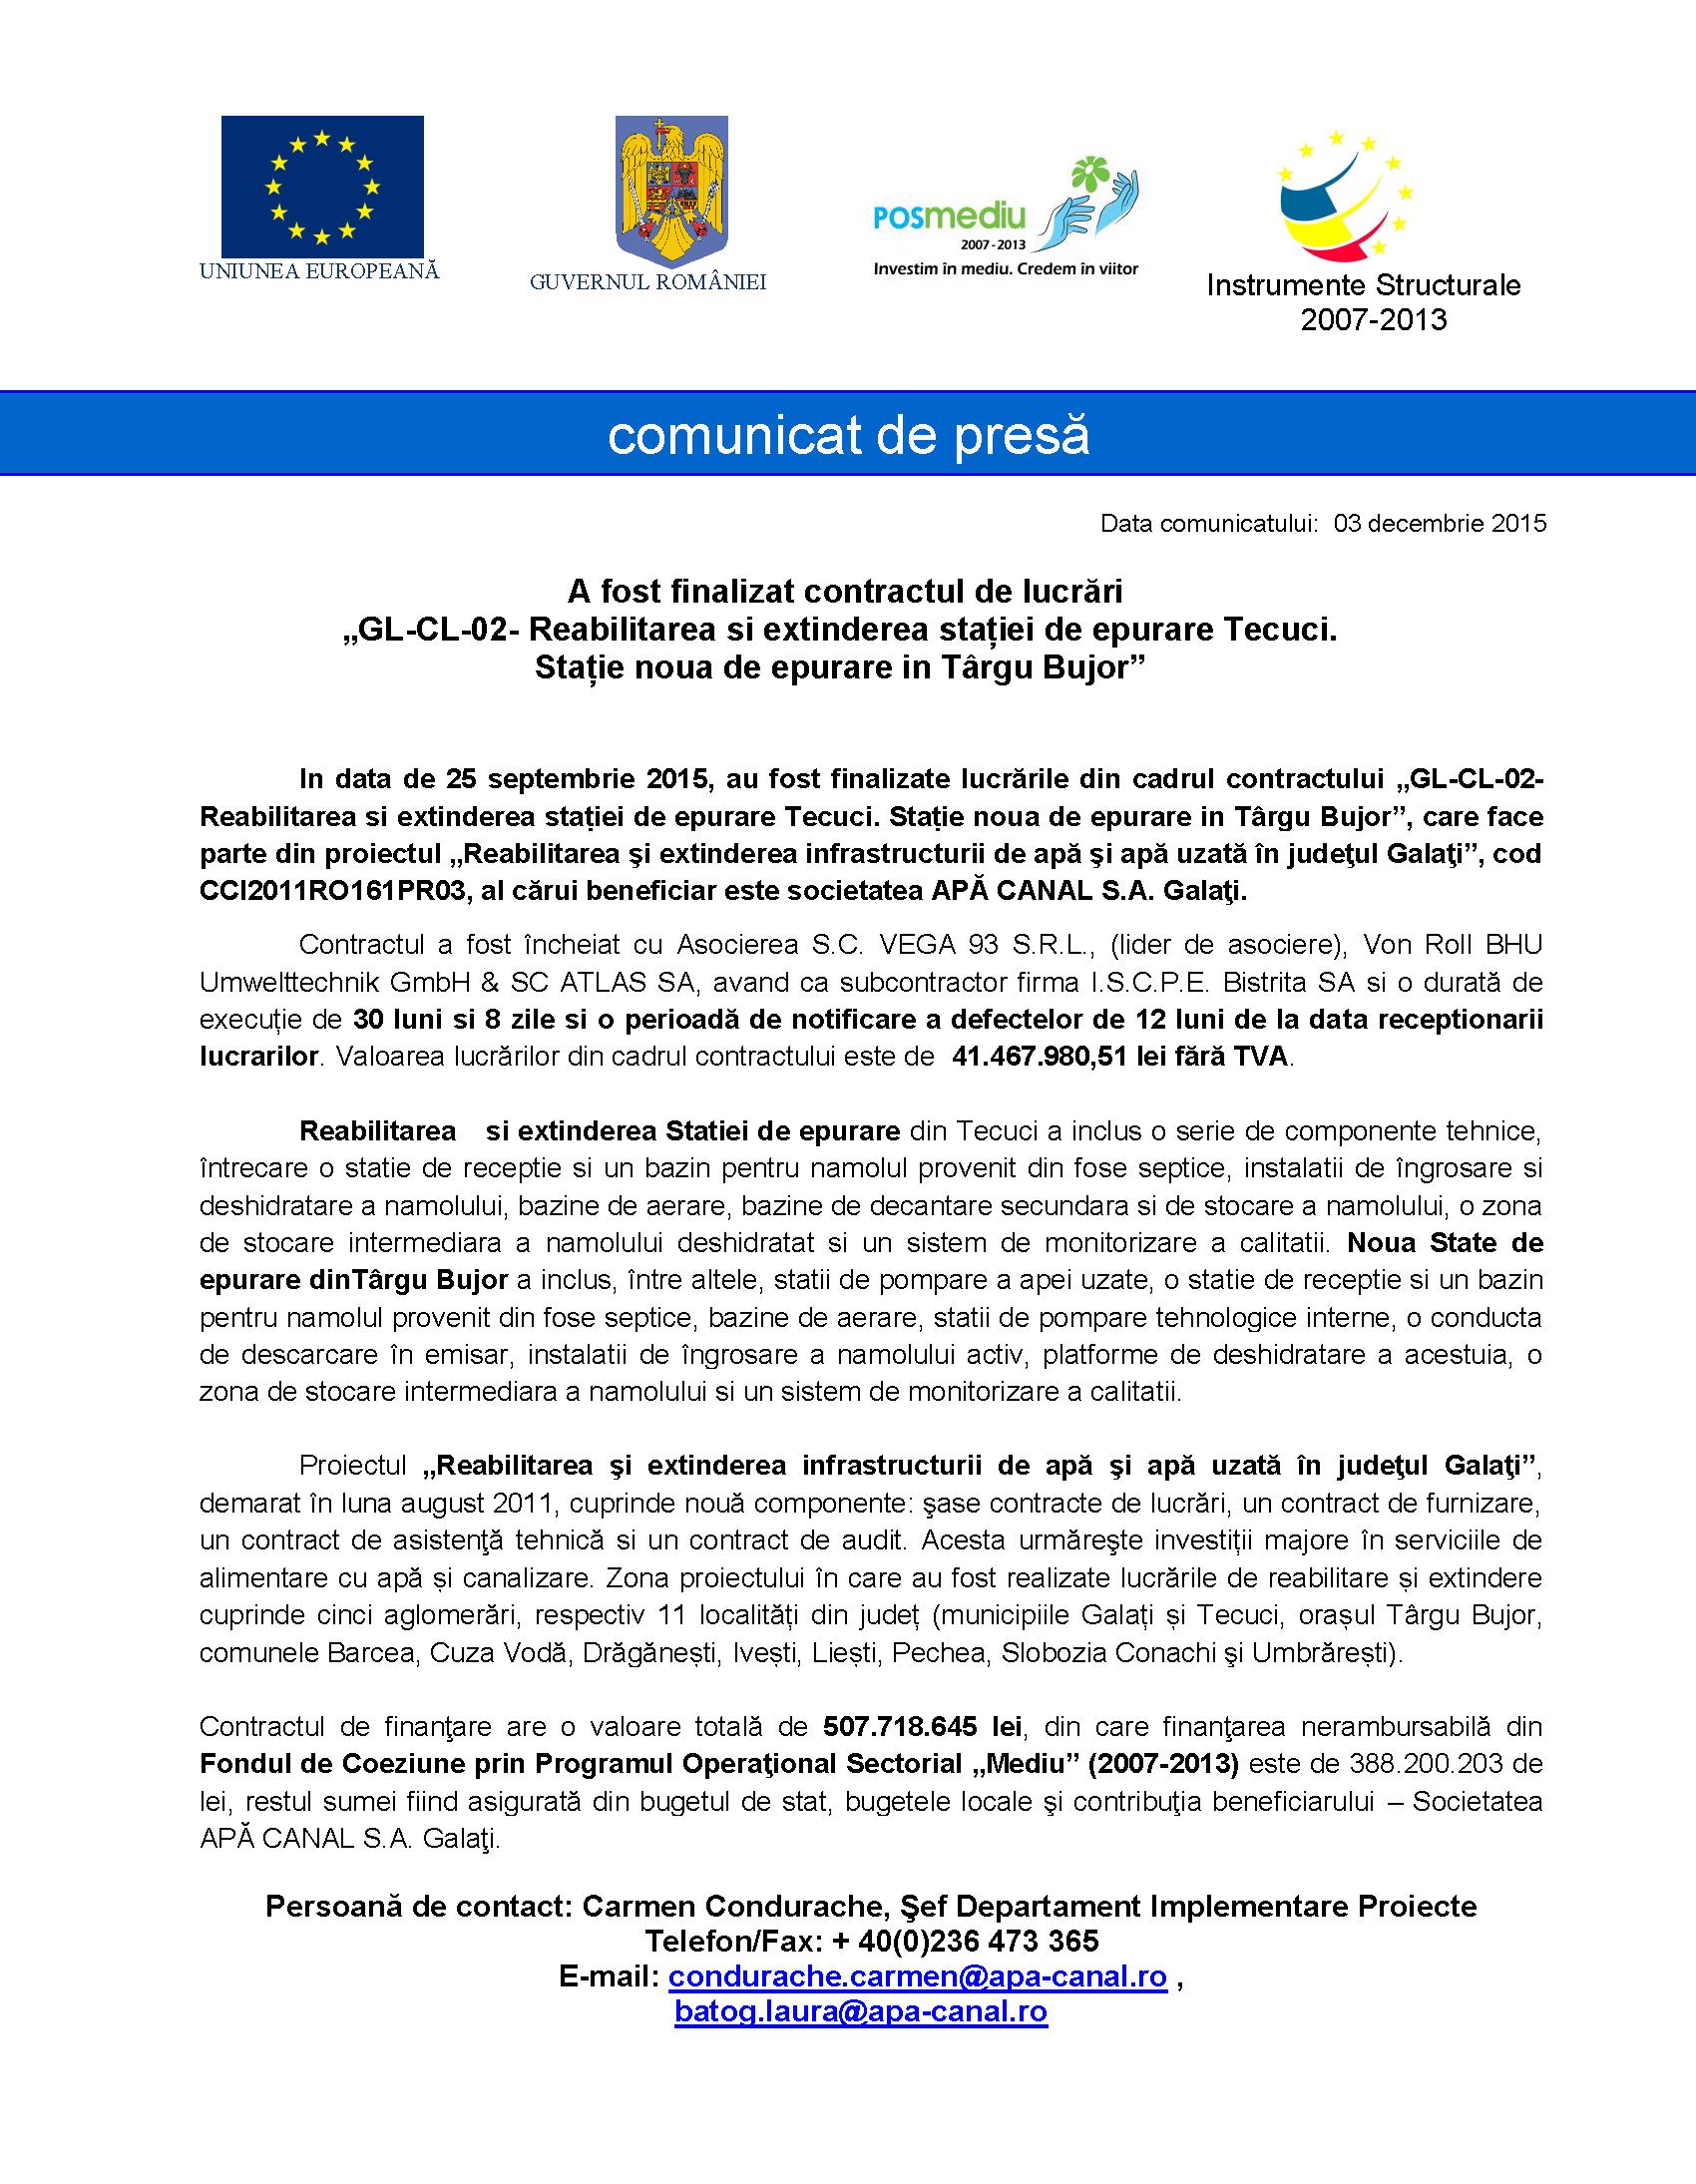 Comunicat de presa finaliz contract GL CL 02 SEAU Tecuci si Targu Bujor aviz AM POS